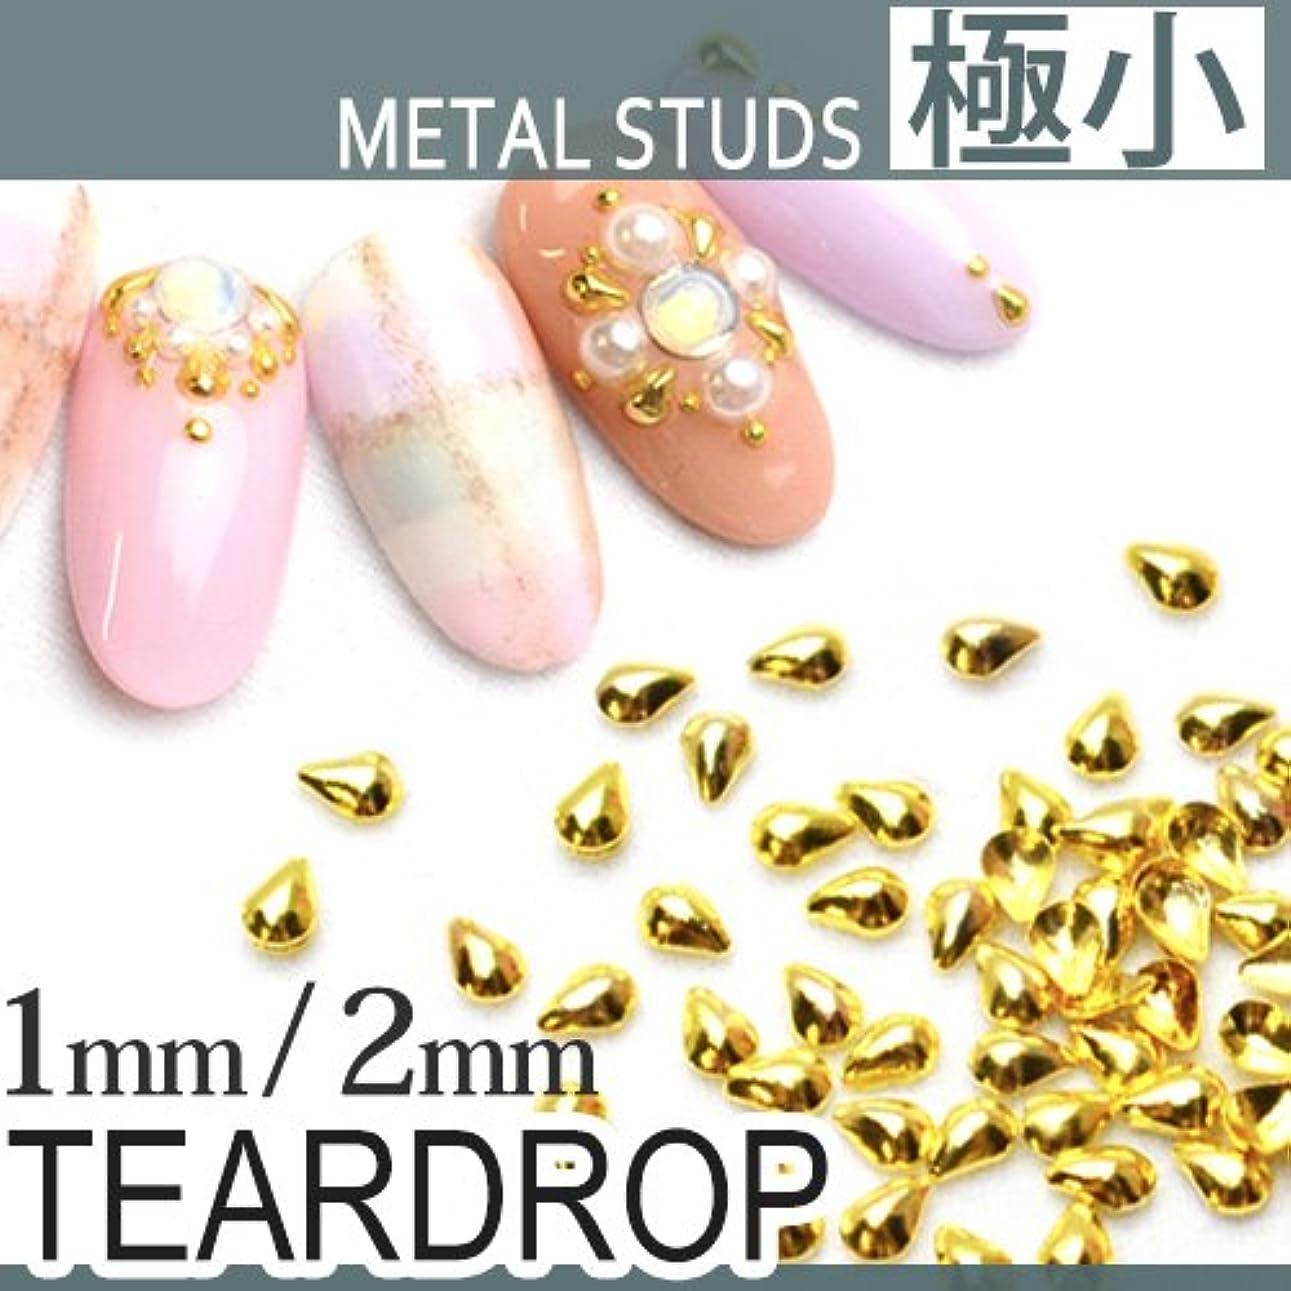 良性ズボンストリーム極小ティアドロップ メタルスタッズ [Sゴールド]1mm×2mm メタルパーツ ジェルネイル